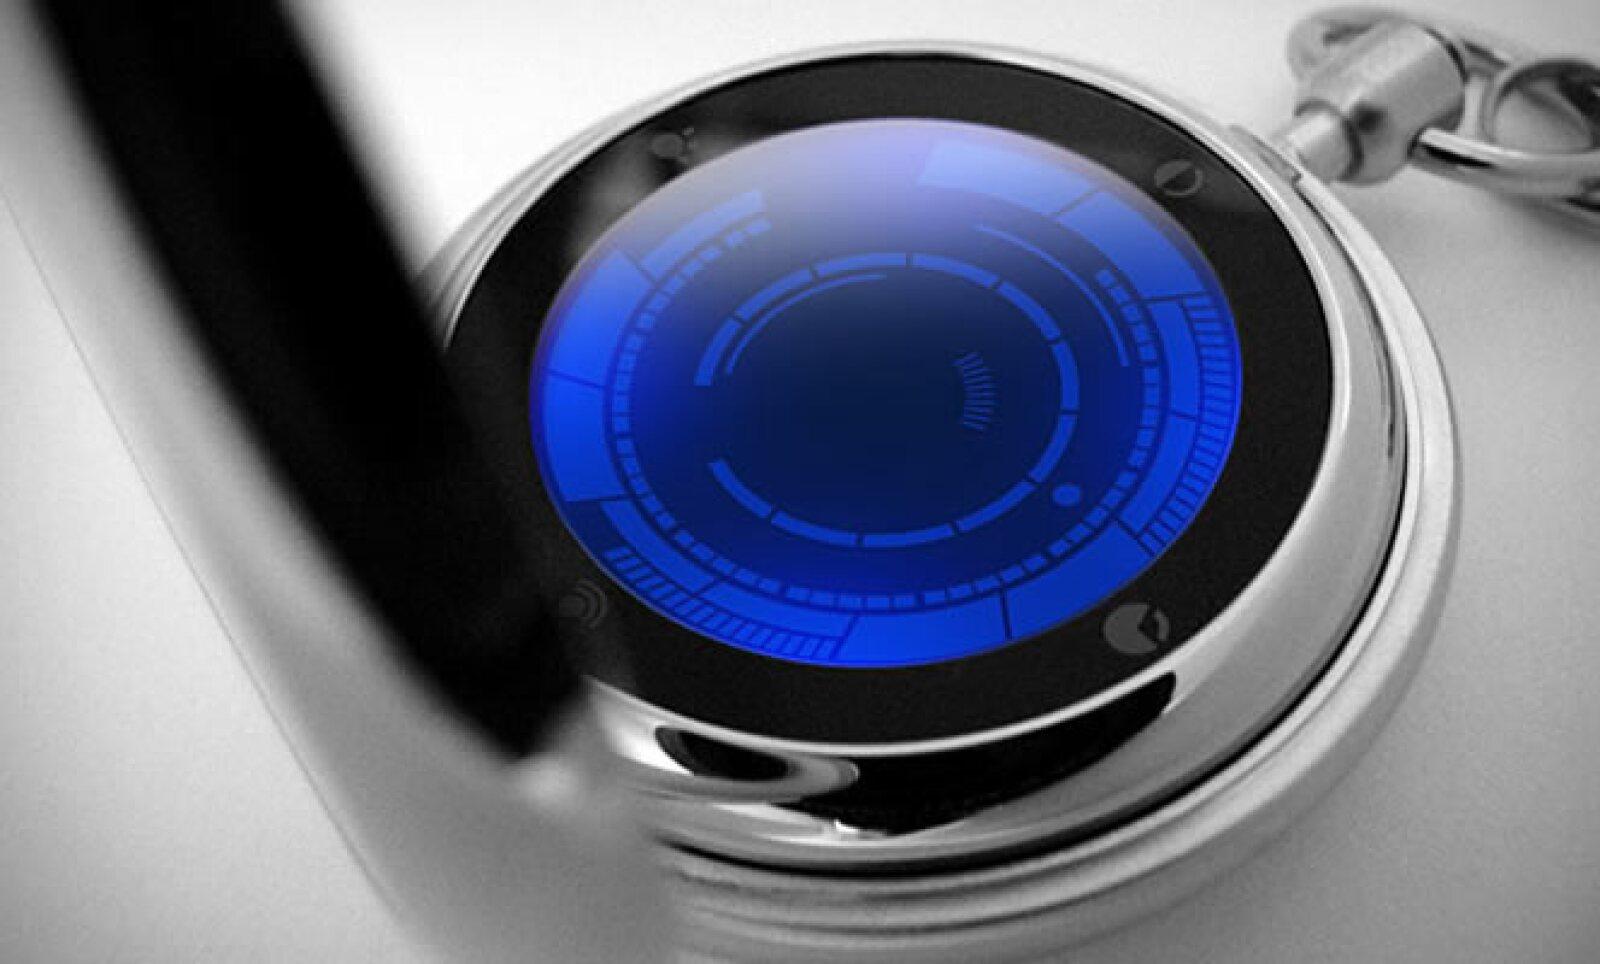 Estilo clásico y tecnología en una misma pieza: este reloj de bolsillo tiene una pantalla tipo LED, caja metálica de acero inoxidable y la tradicional cadena para ajustarla a tu pantalón o chaleco.